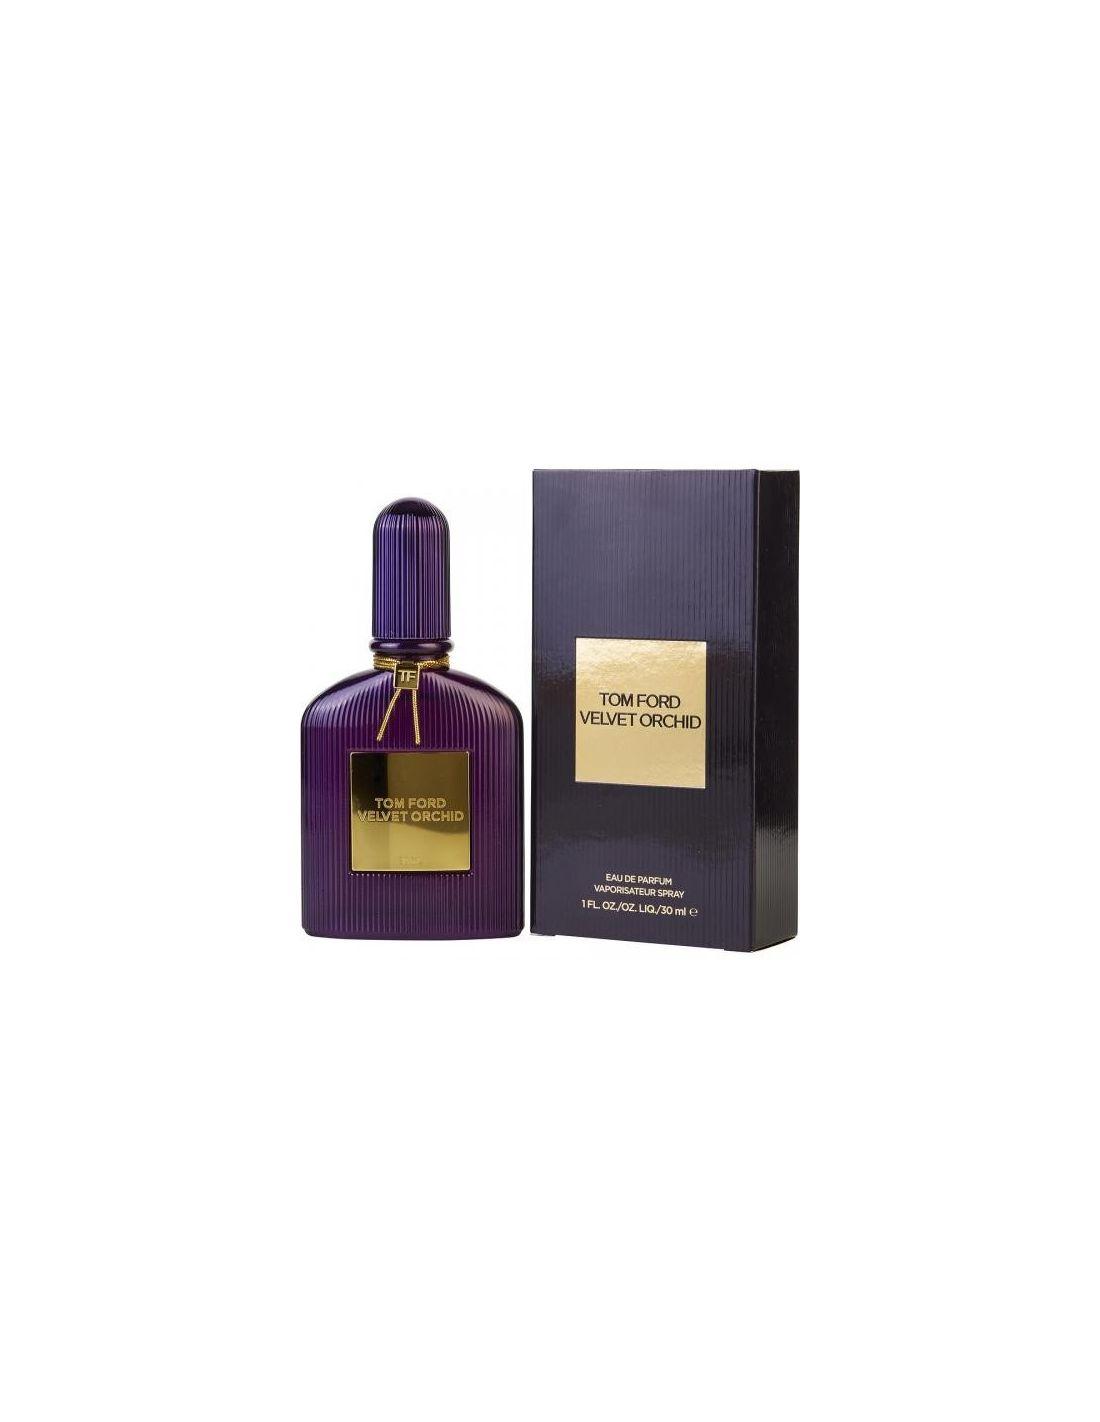 Tom Ford Velvet Orchid Eau de Parfum 30 ml Perfumes 24   Perfumaria ... faa76b59a63c